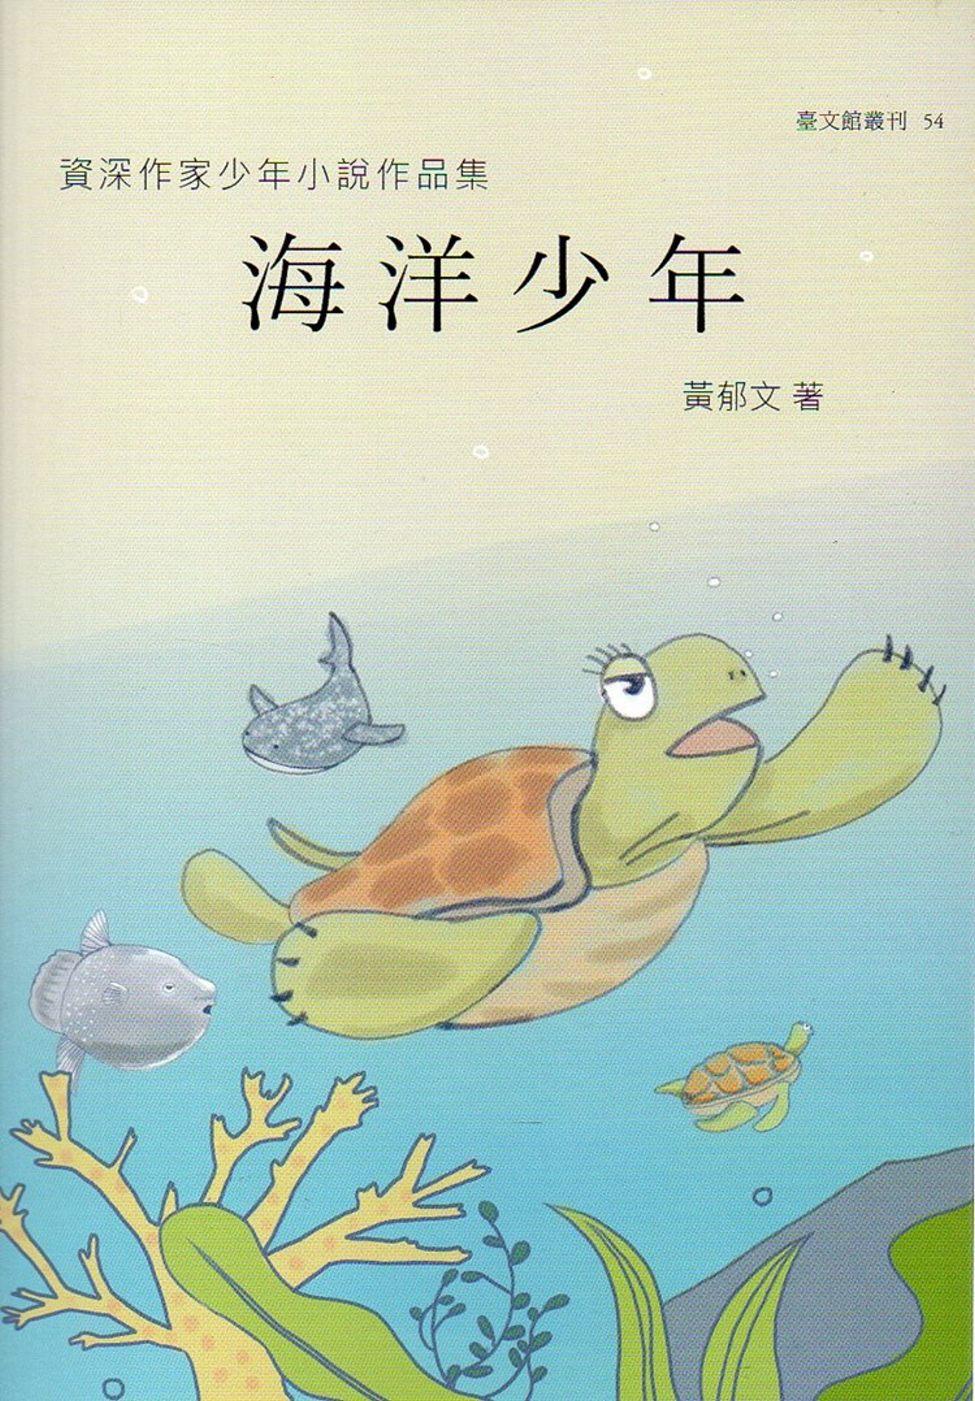 資深作家少年小說作品集 海洋少年(臺文館叢刊54)